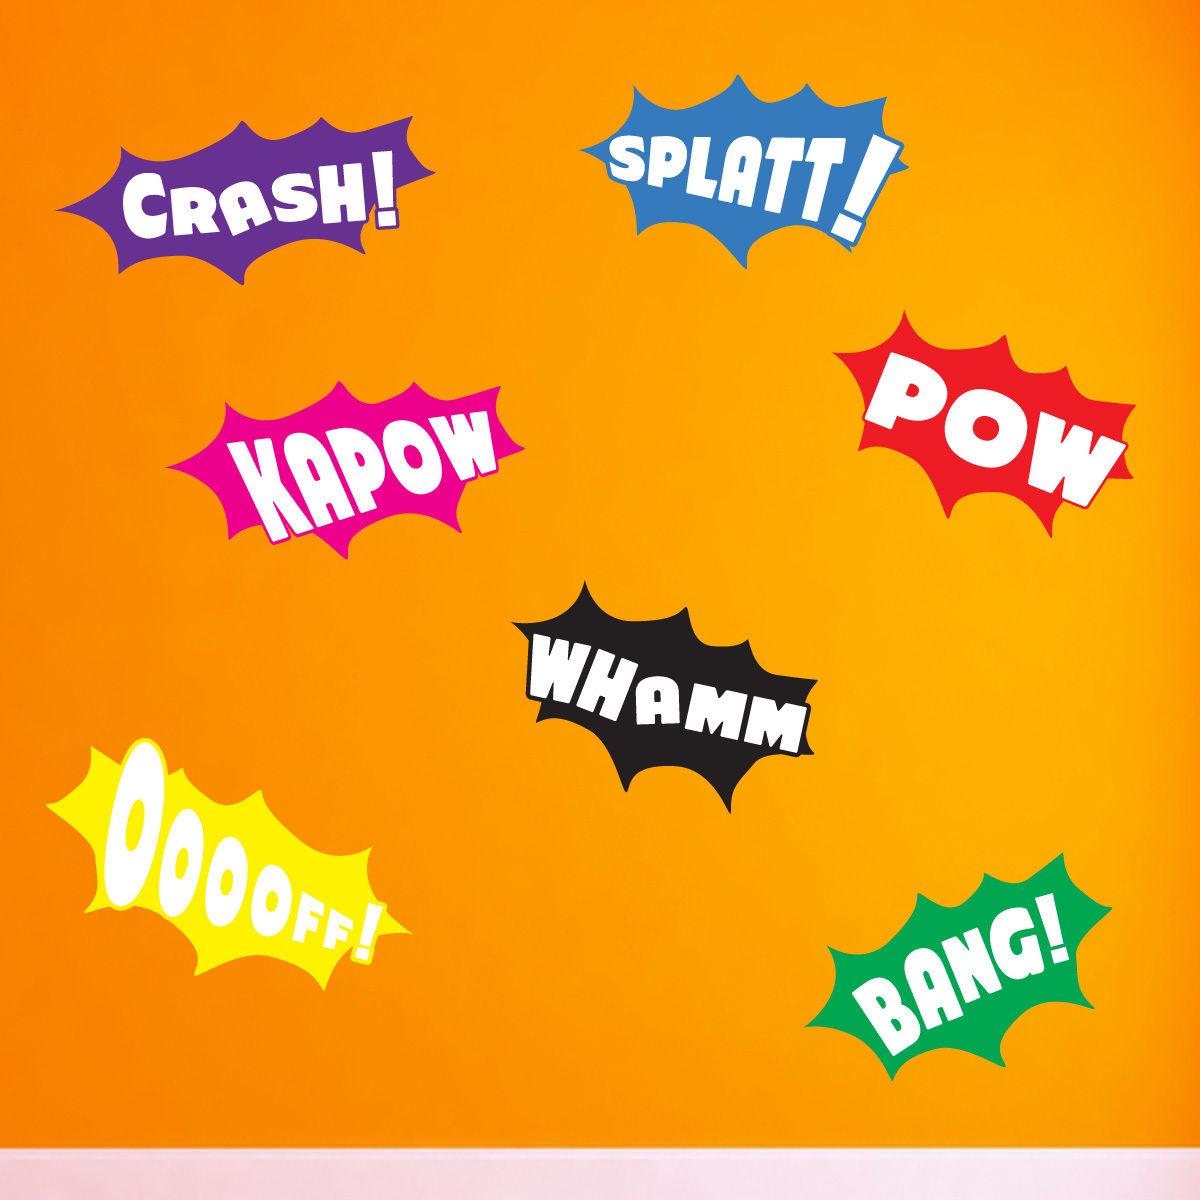 Batman Pow Whamm Splatt Bang Kapow Pow Crash Ooooff Wall